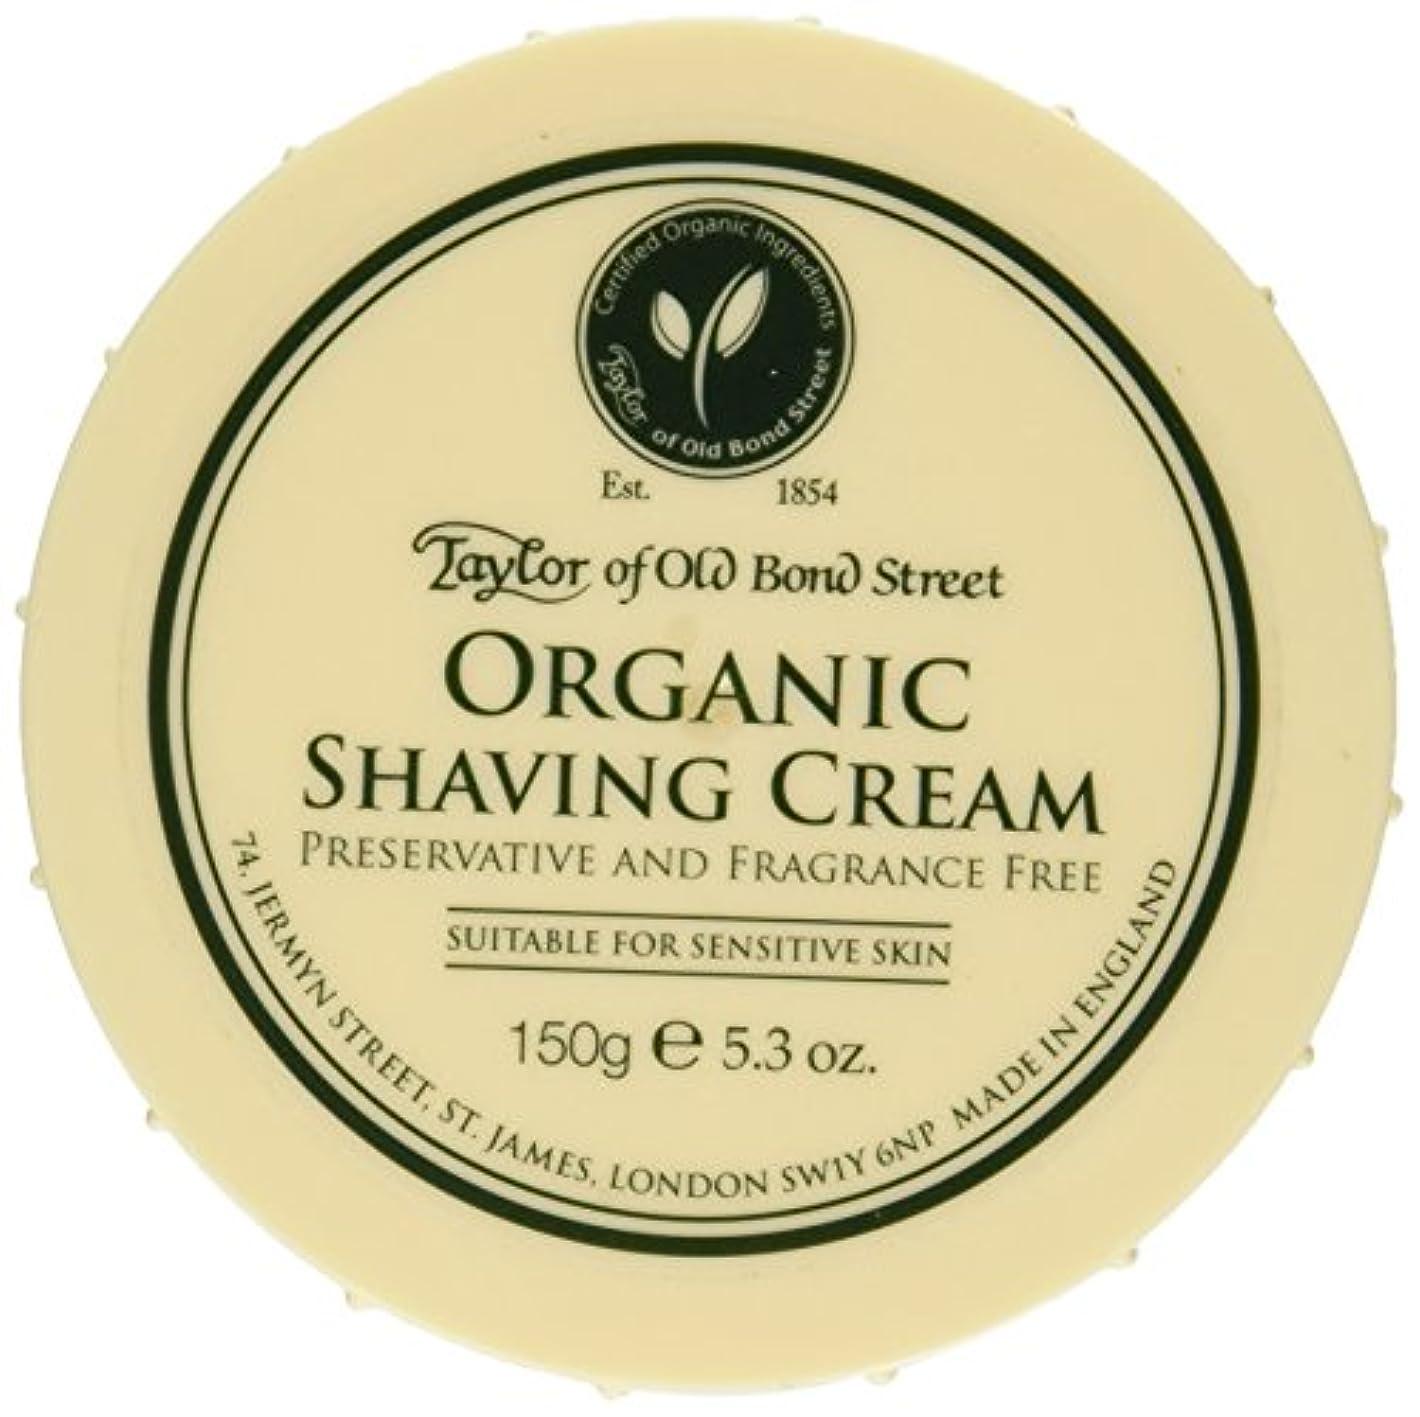 ゆるく機動一元化するTaylor of Old Bond Street Organic Shaving Cream w/ Aloe & Jojoba *New* 5.3 oz. by Taylor of Old Bond Street